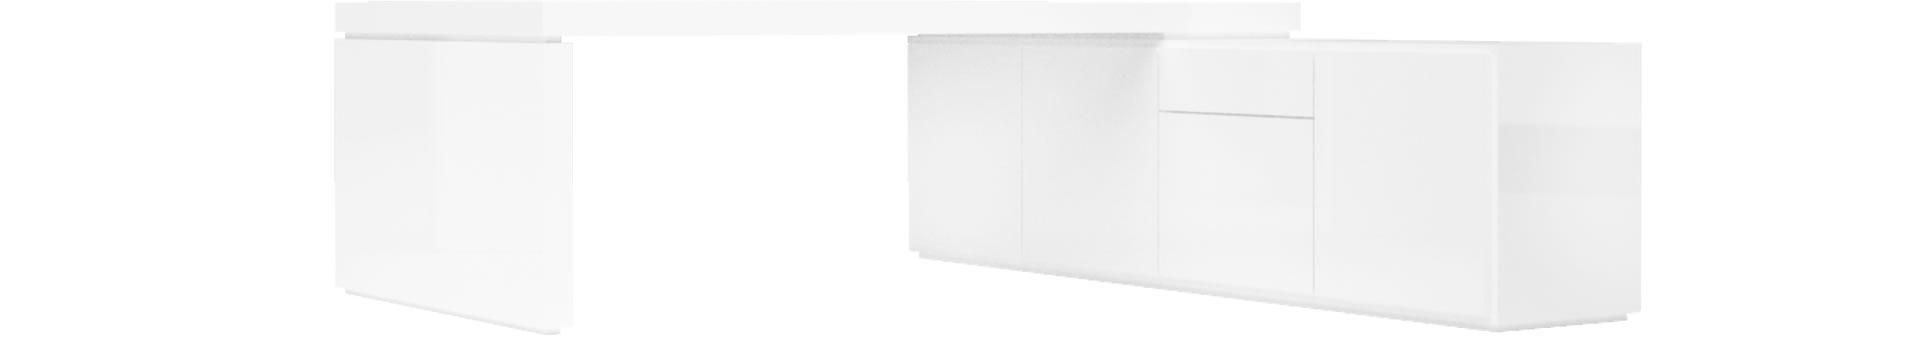 chefzimmer schreibtisch praefectus minimalistischer. Black Bedroom Furniture Sets. Home Design Ideas